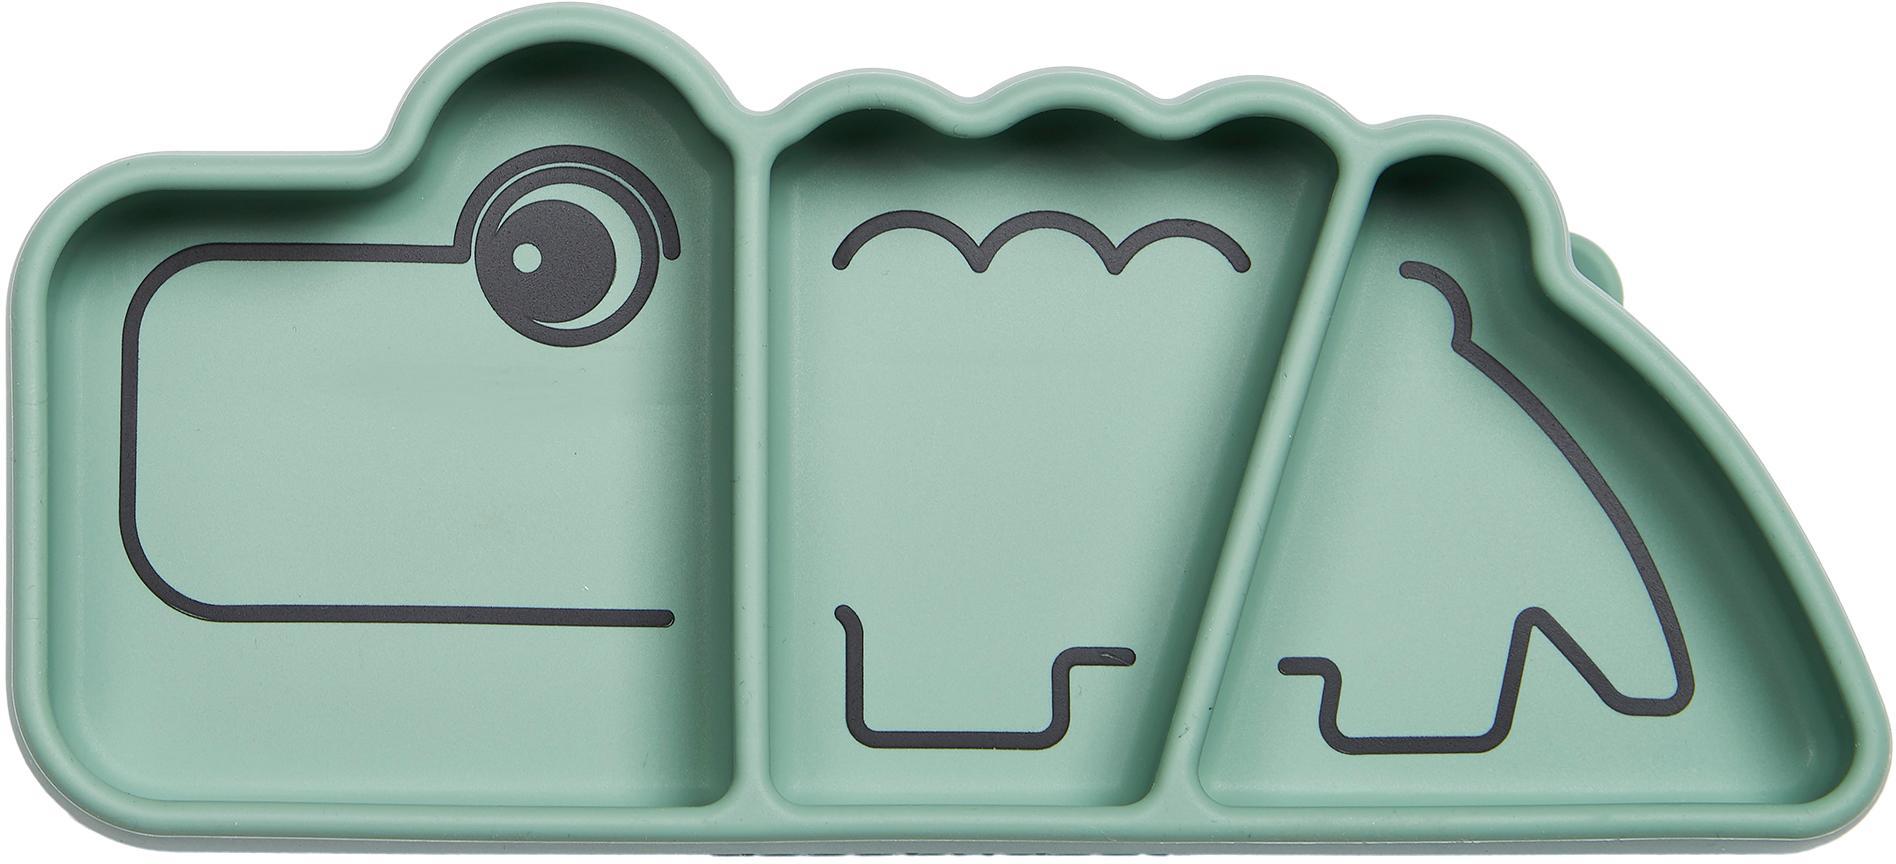 Piatto snack Stick & Stay Croco, Silicone, adatto agli alimenti Il silicone è morbido e durevole, resistente al calore e adatto per l'uso in microonde, forni e congelatori., Verde, Larg. 21 x Alt. 3 cm